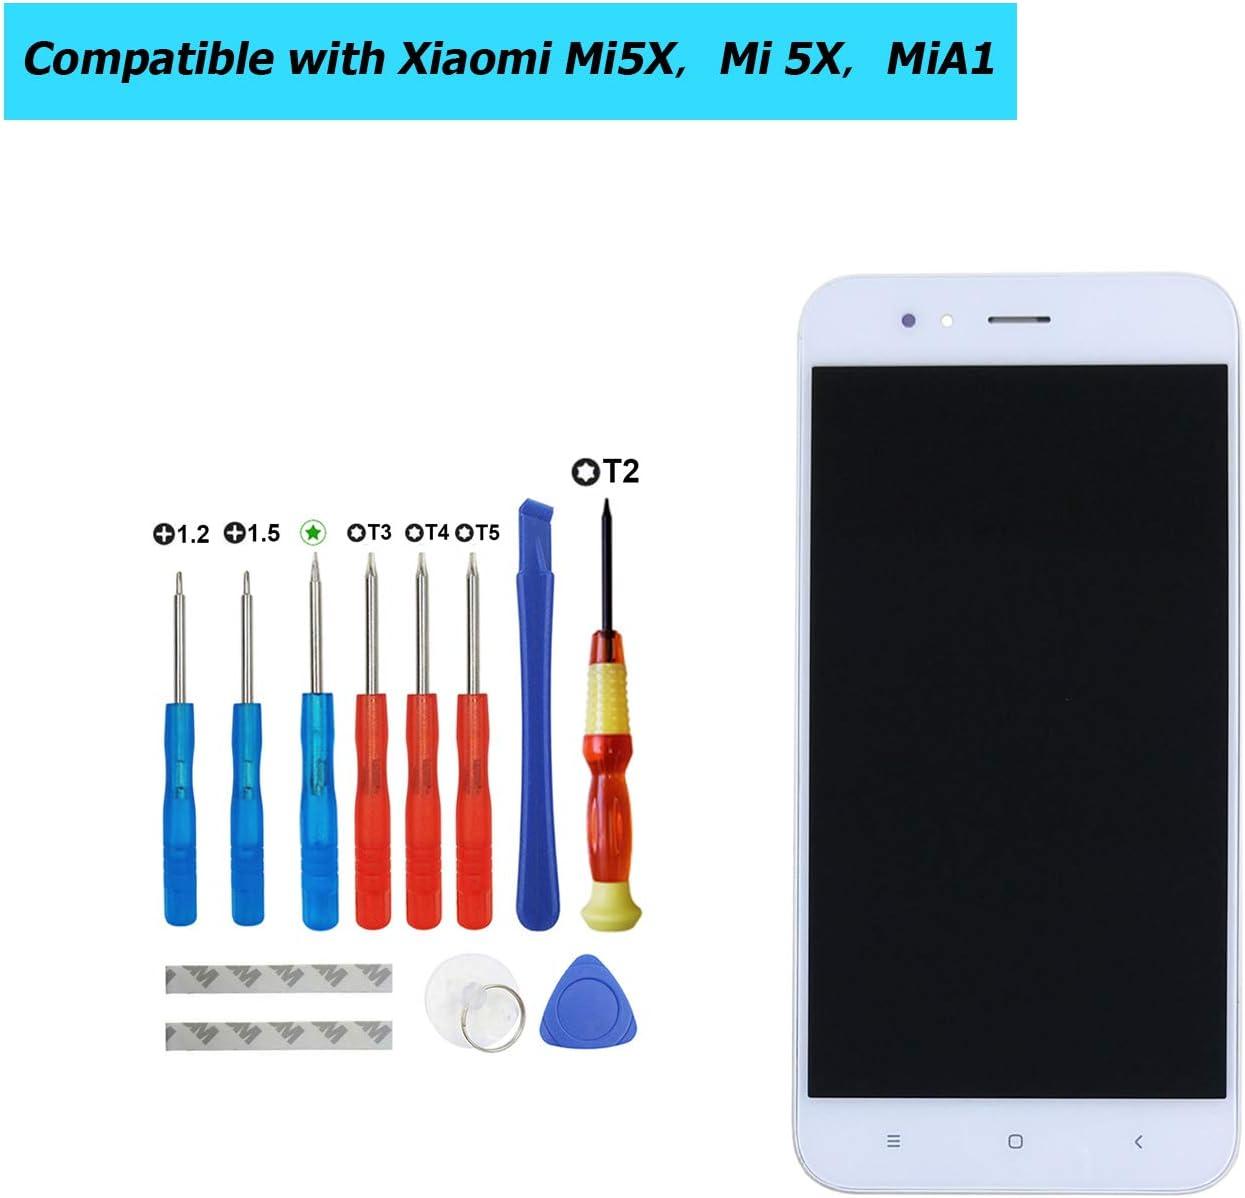 Upplus - Pantalla LCD de Repuesto Compatible con Xiaomi Mi5X, Mi 5X, MiA1, Mi A1 de 5,5 Pulgadas, Pantalla LCD táctil con Marco y Kit de Herramientas (Blanco): Amazon.es: Informática